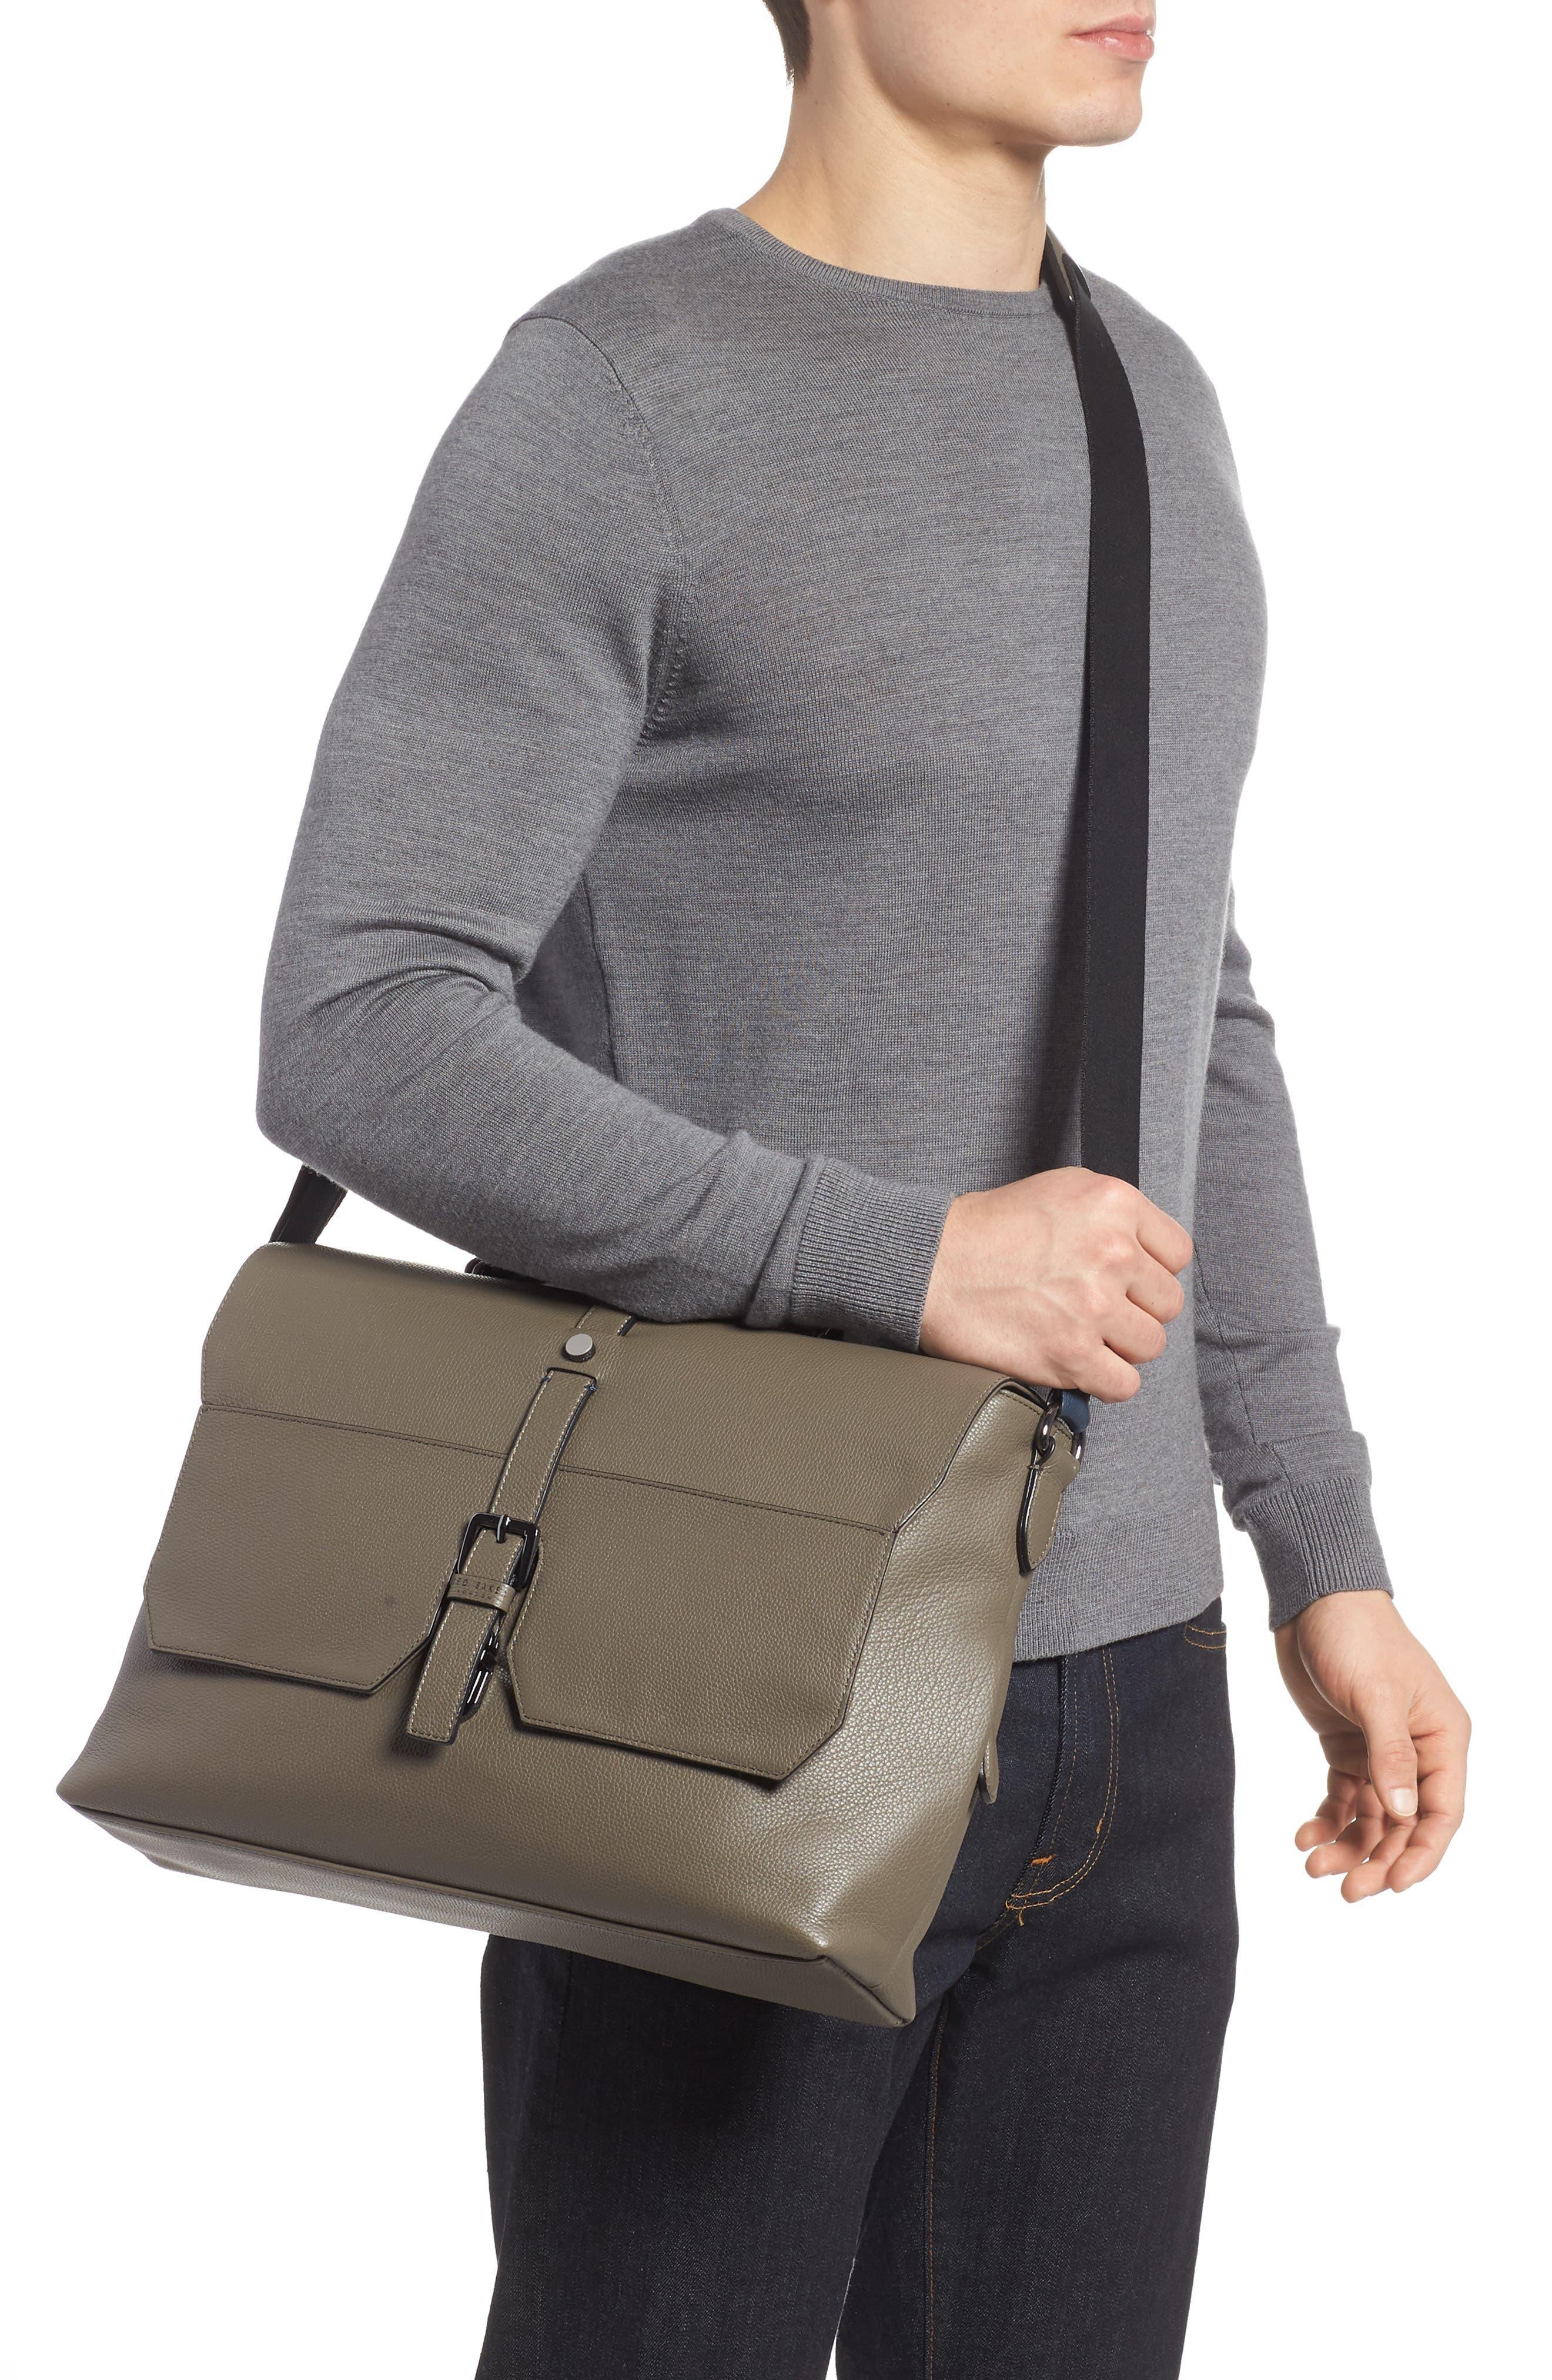 Ted Baker Sandune Leather Messenger Bag,                             Alternate thumbnail 2, color,                             030